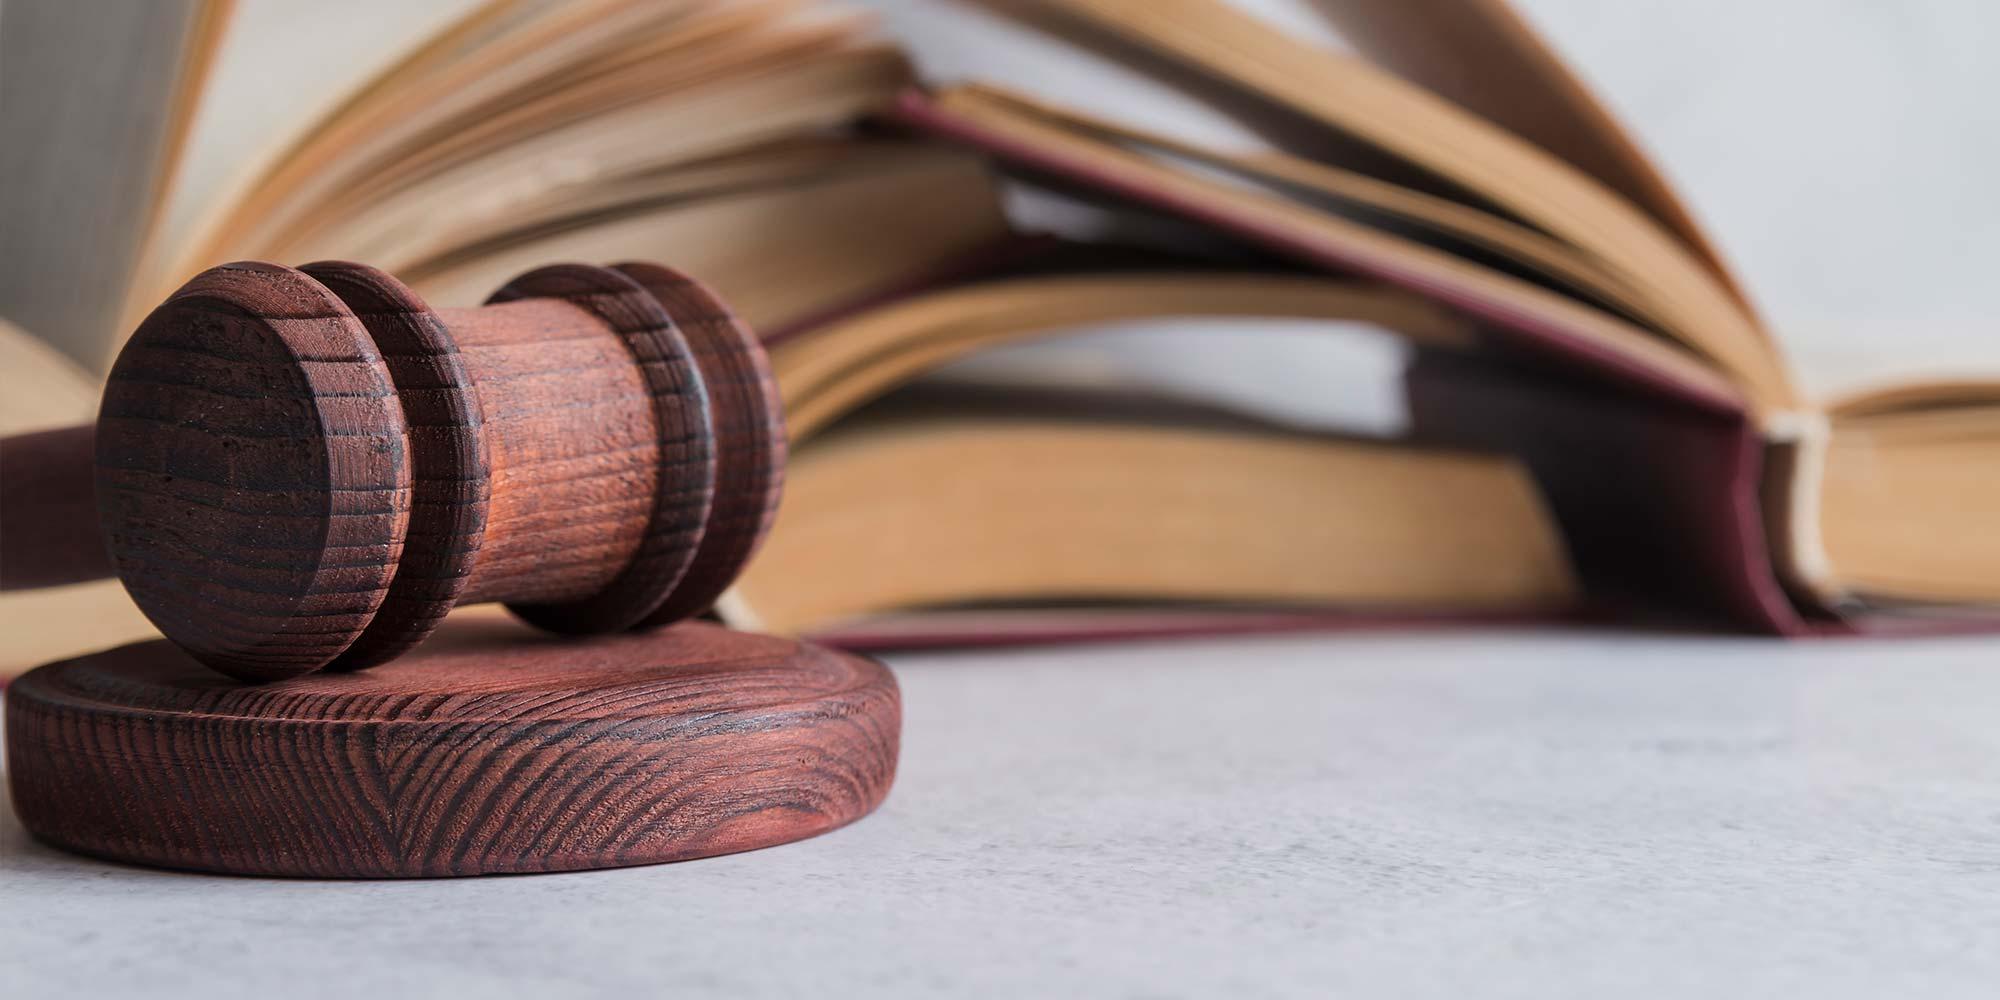 Ter uma especialização jurídica faz diferença?